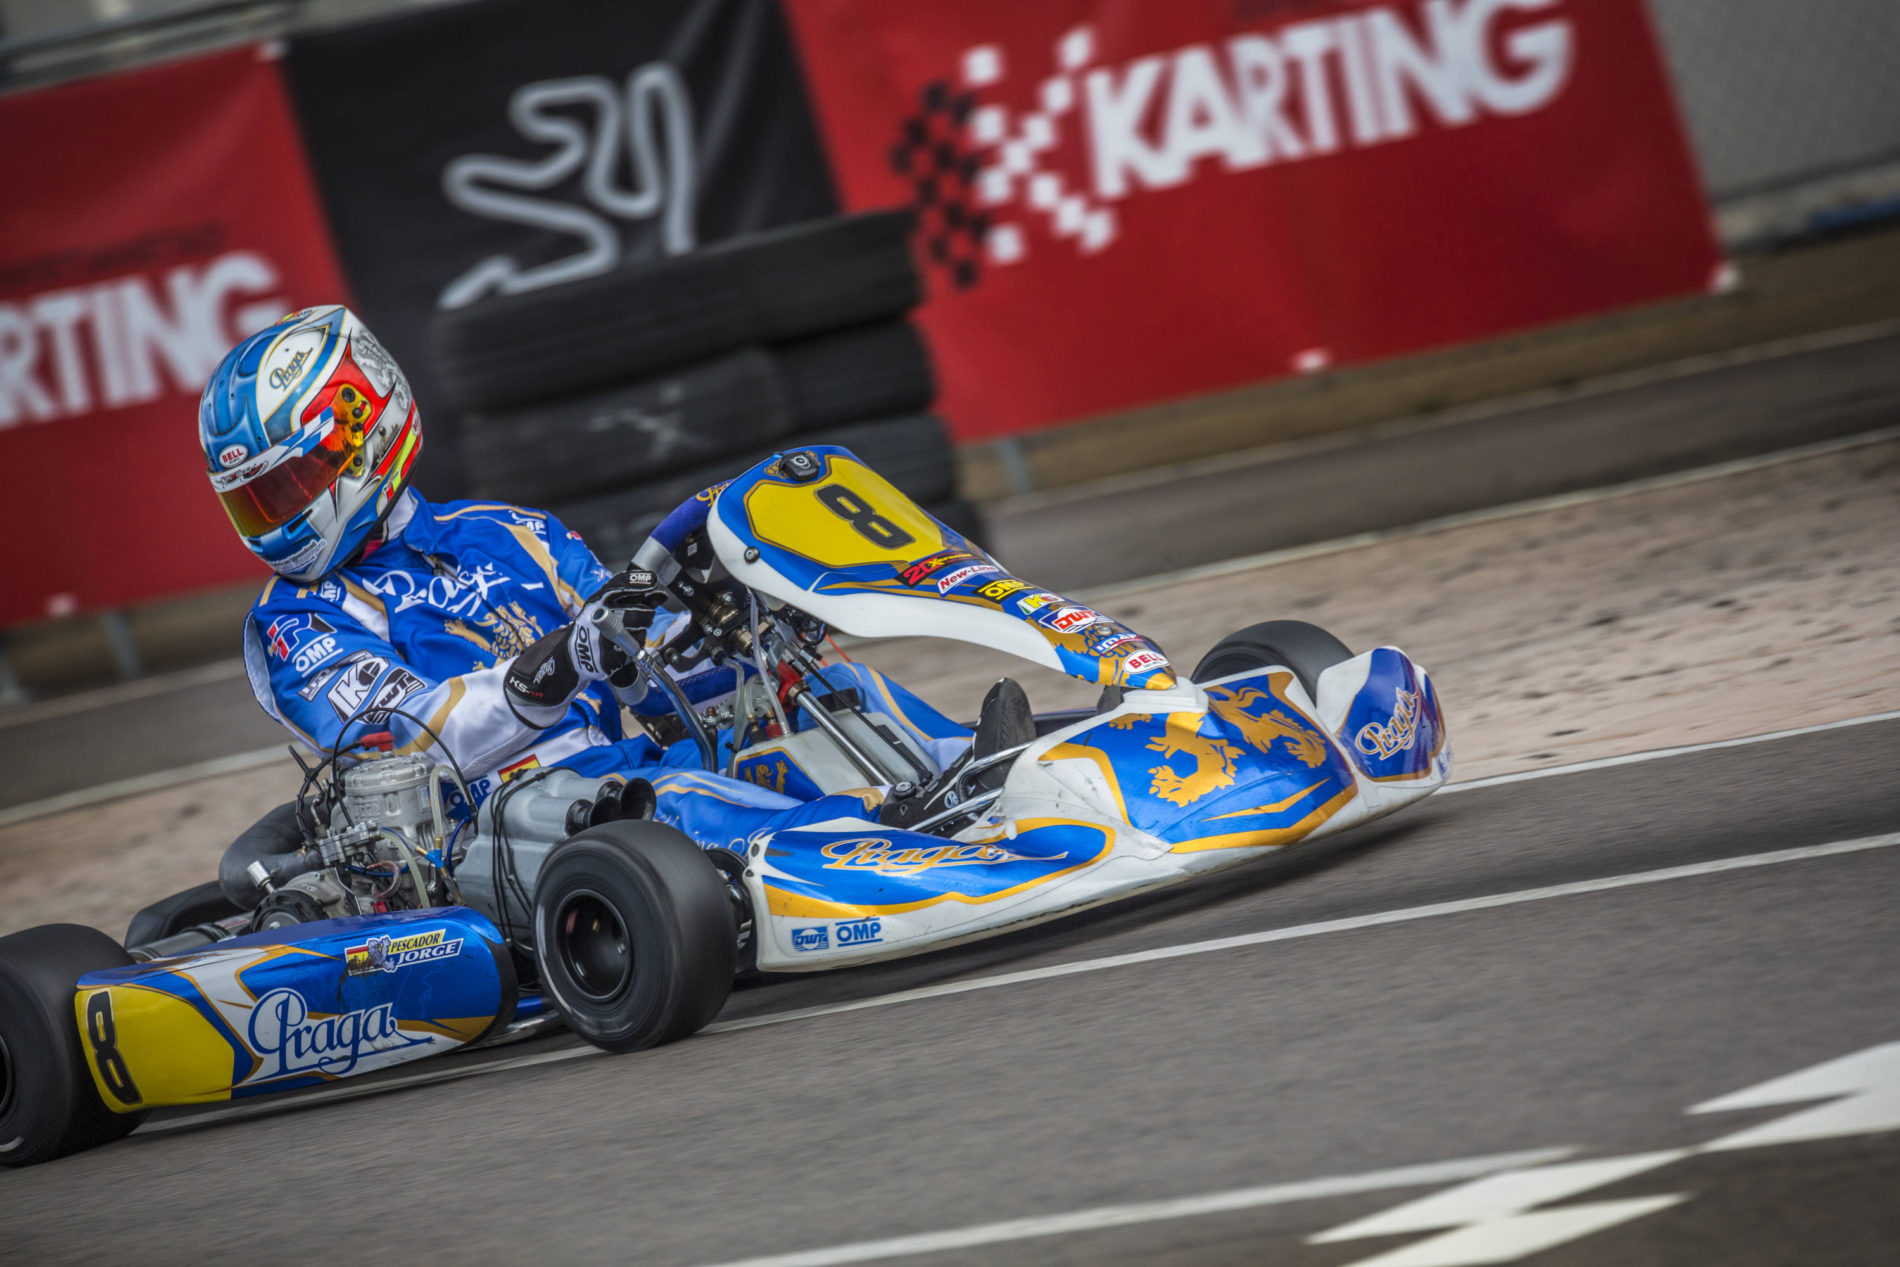 2017 IPK Racing team